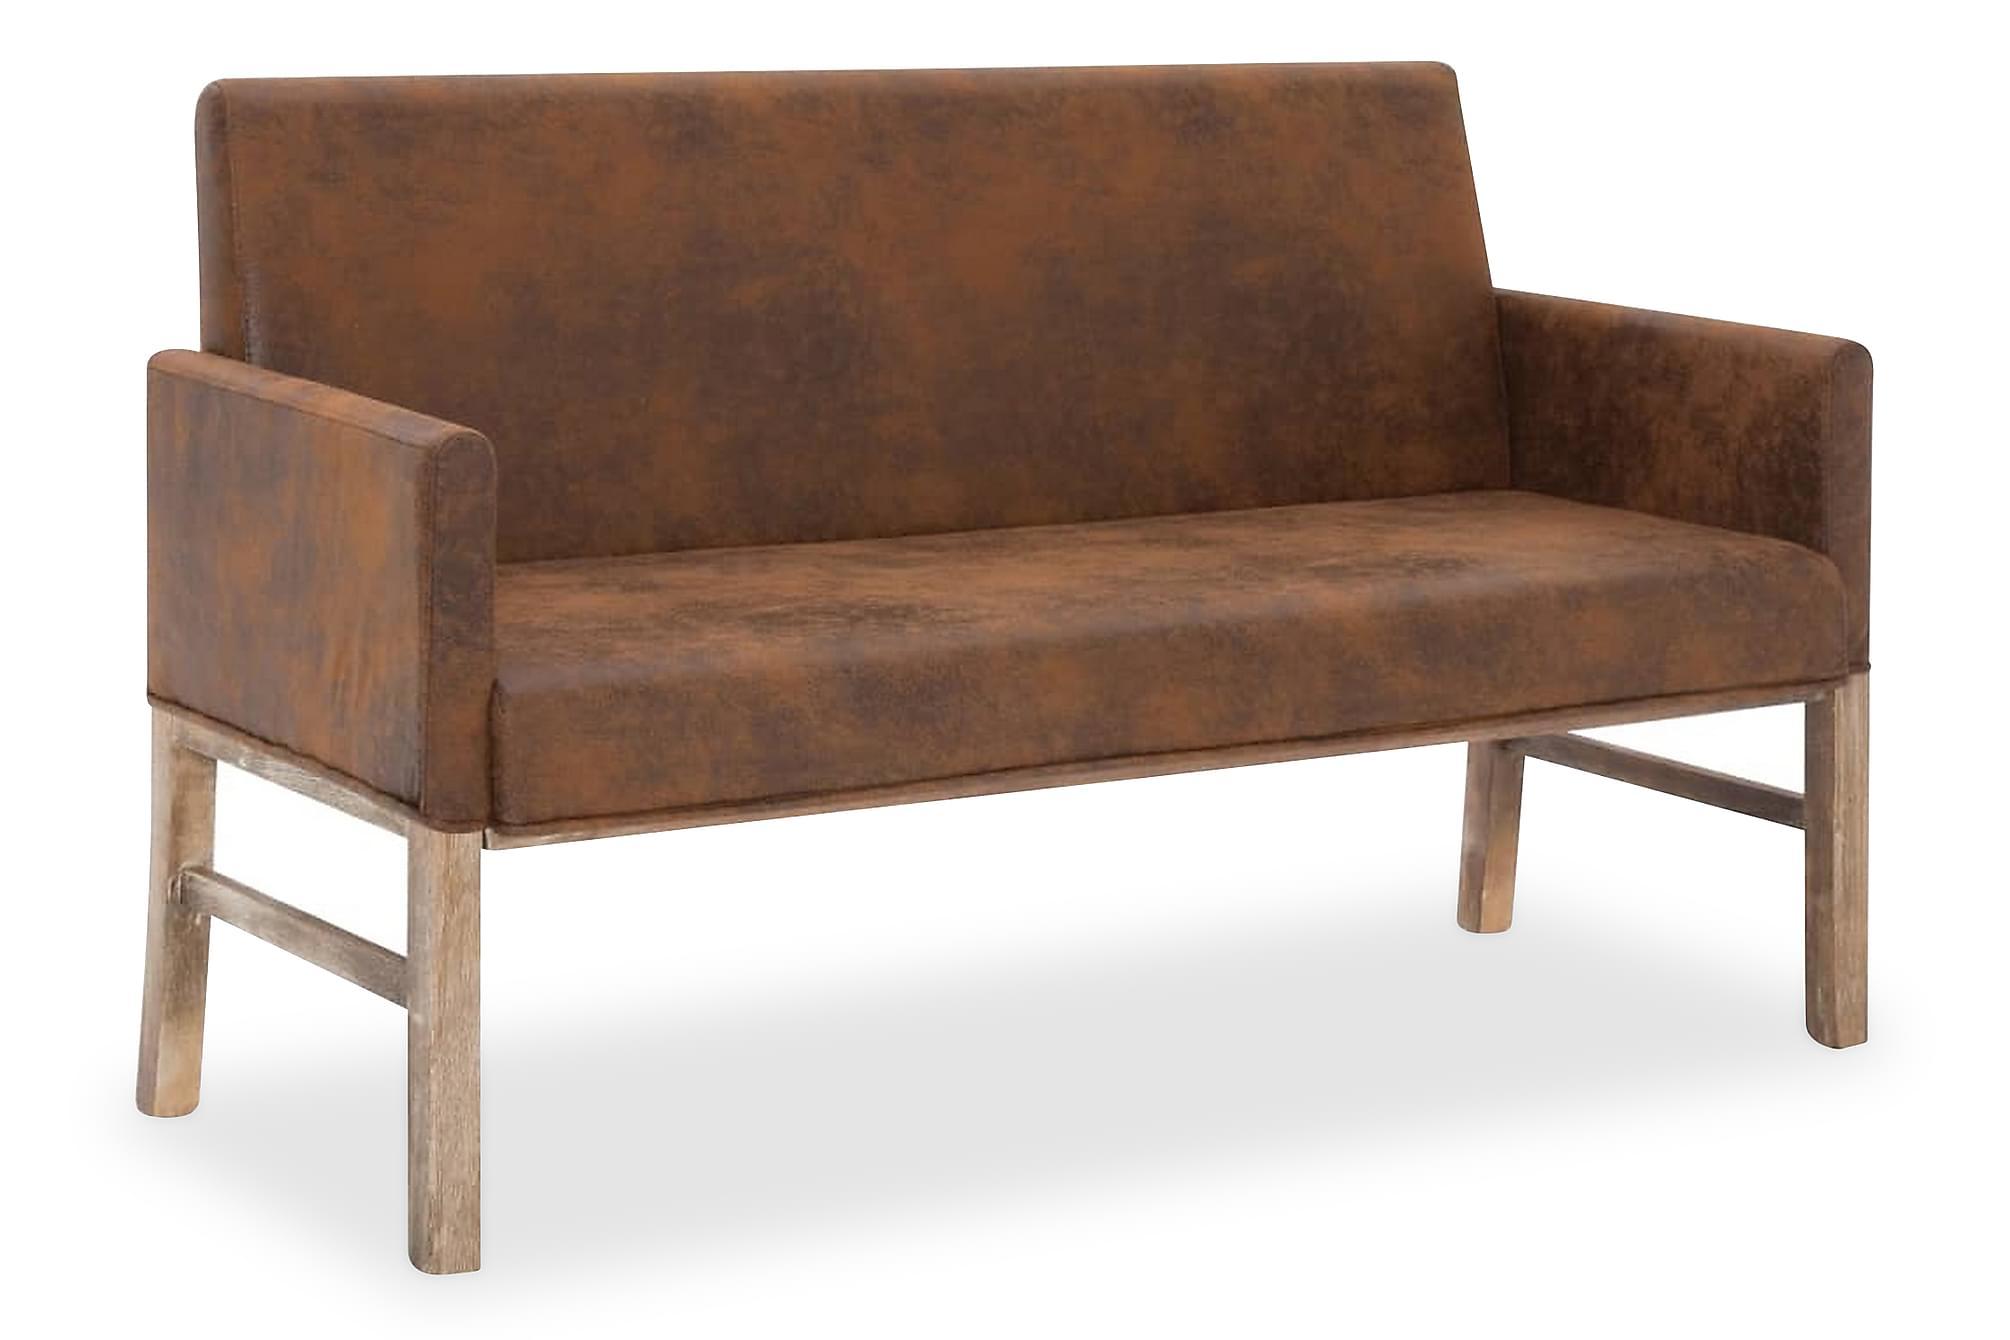 Bänk med armstöd 140 cm brun konstmocka